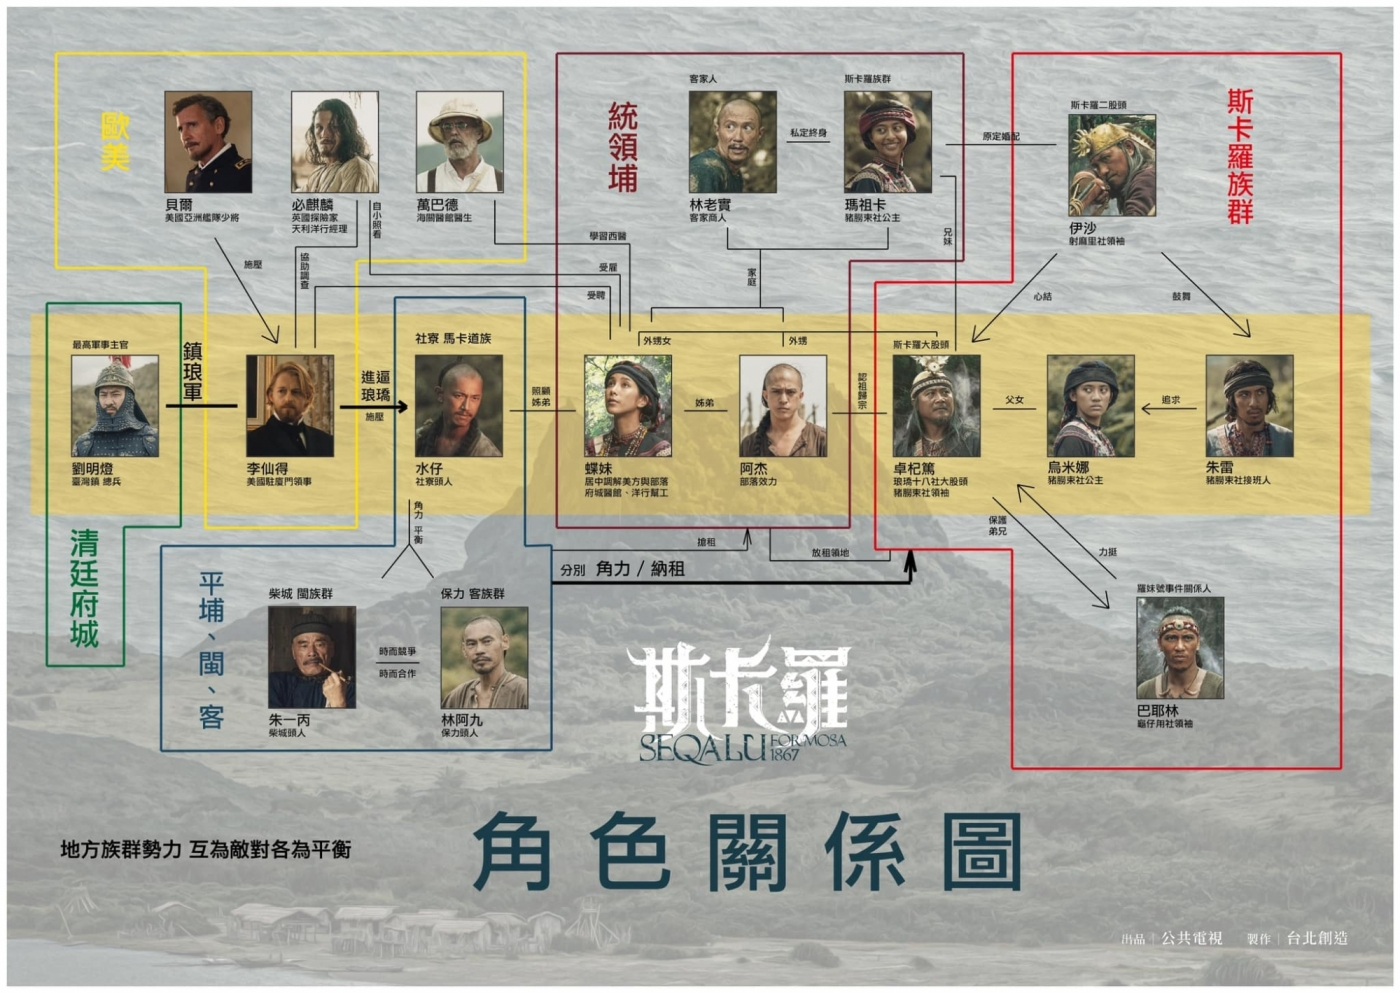 《斯卡羅》周記:全劇分集故事/事件解析